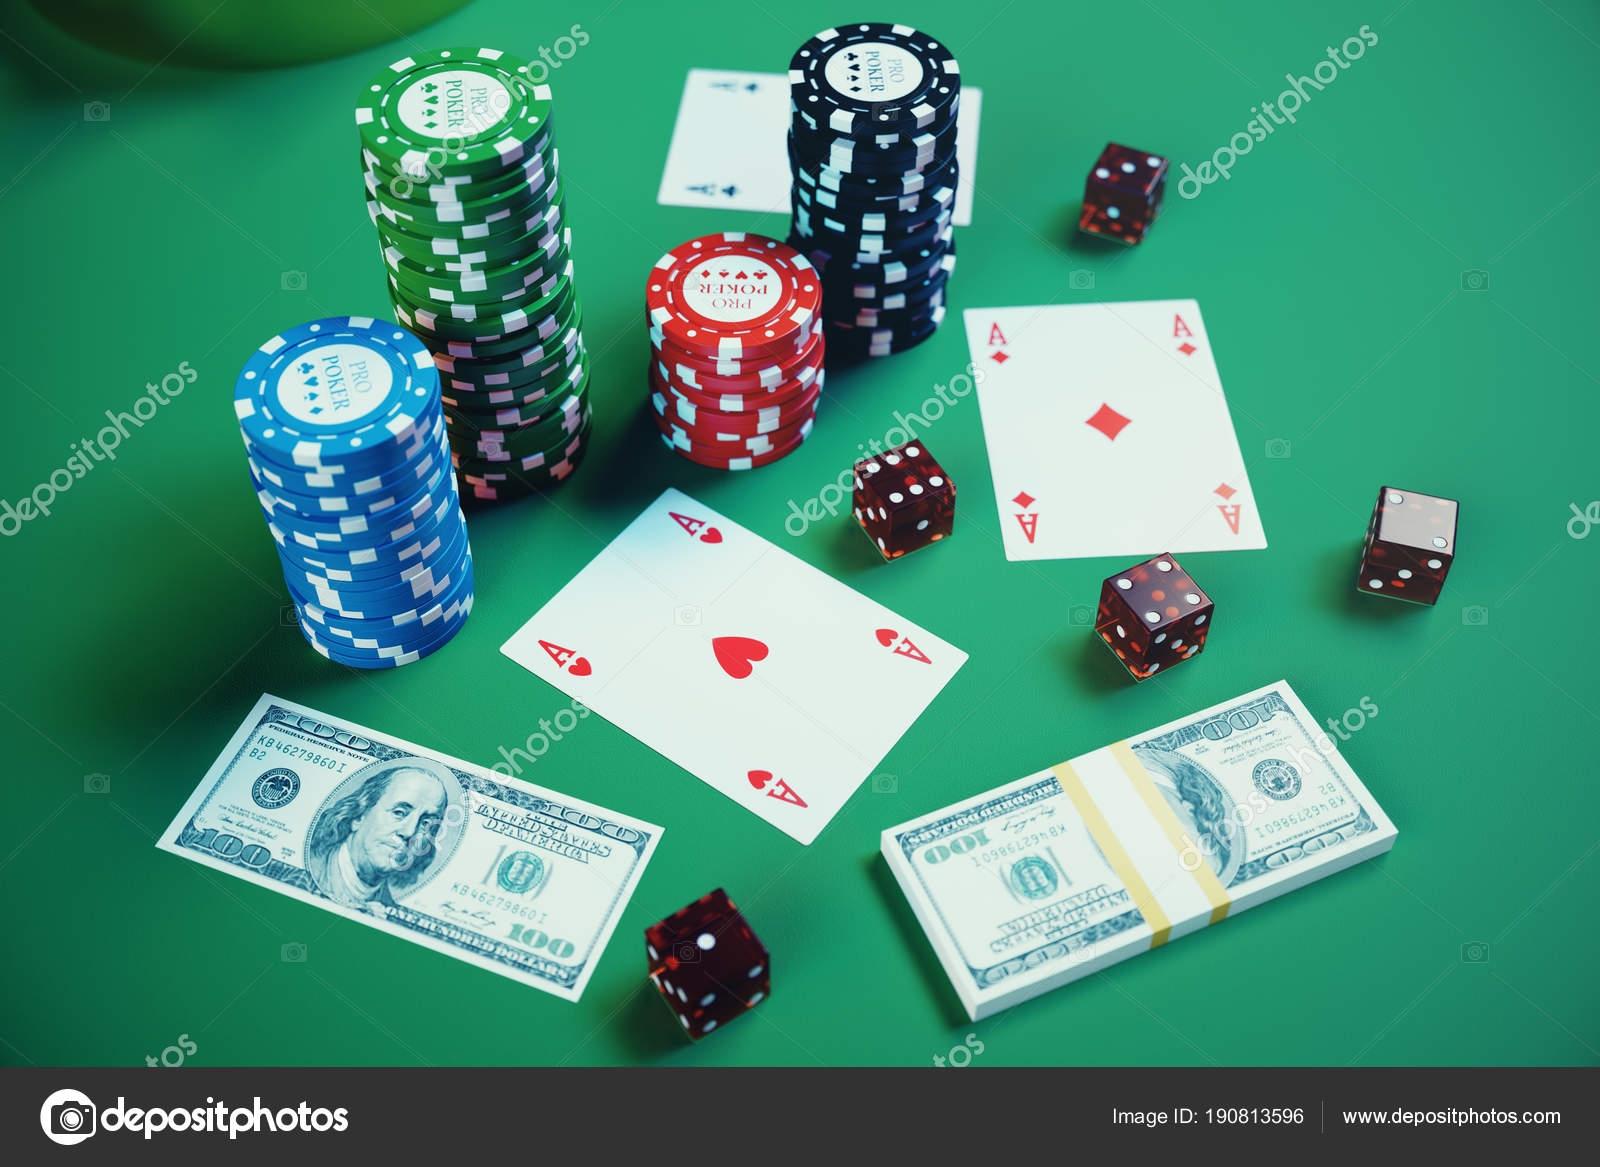 855% Signup Casino Bonus at Miami Club